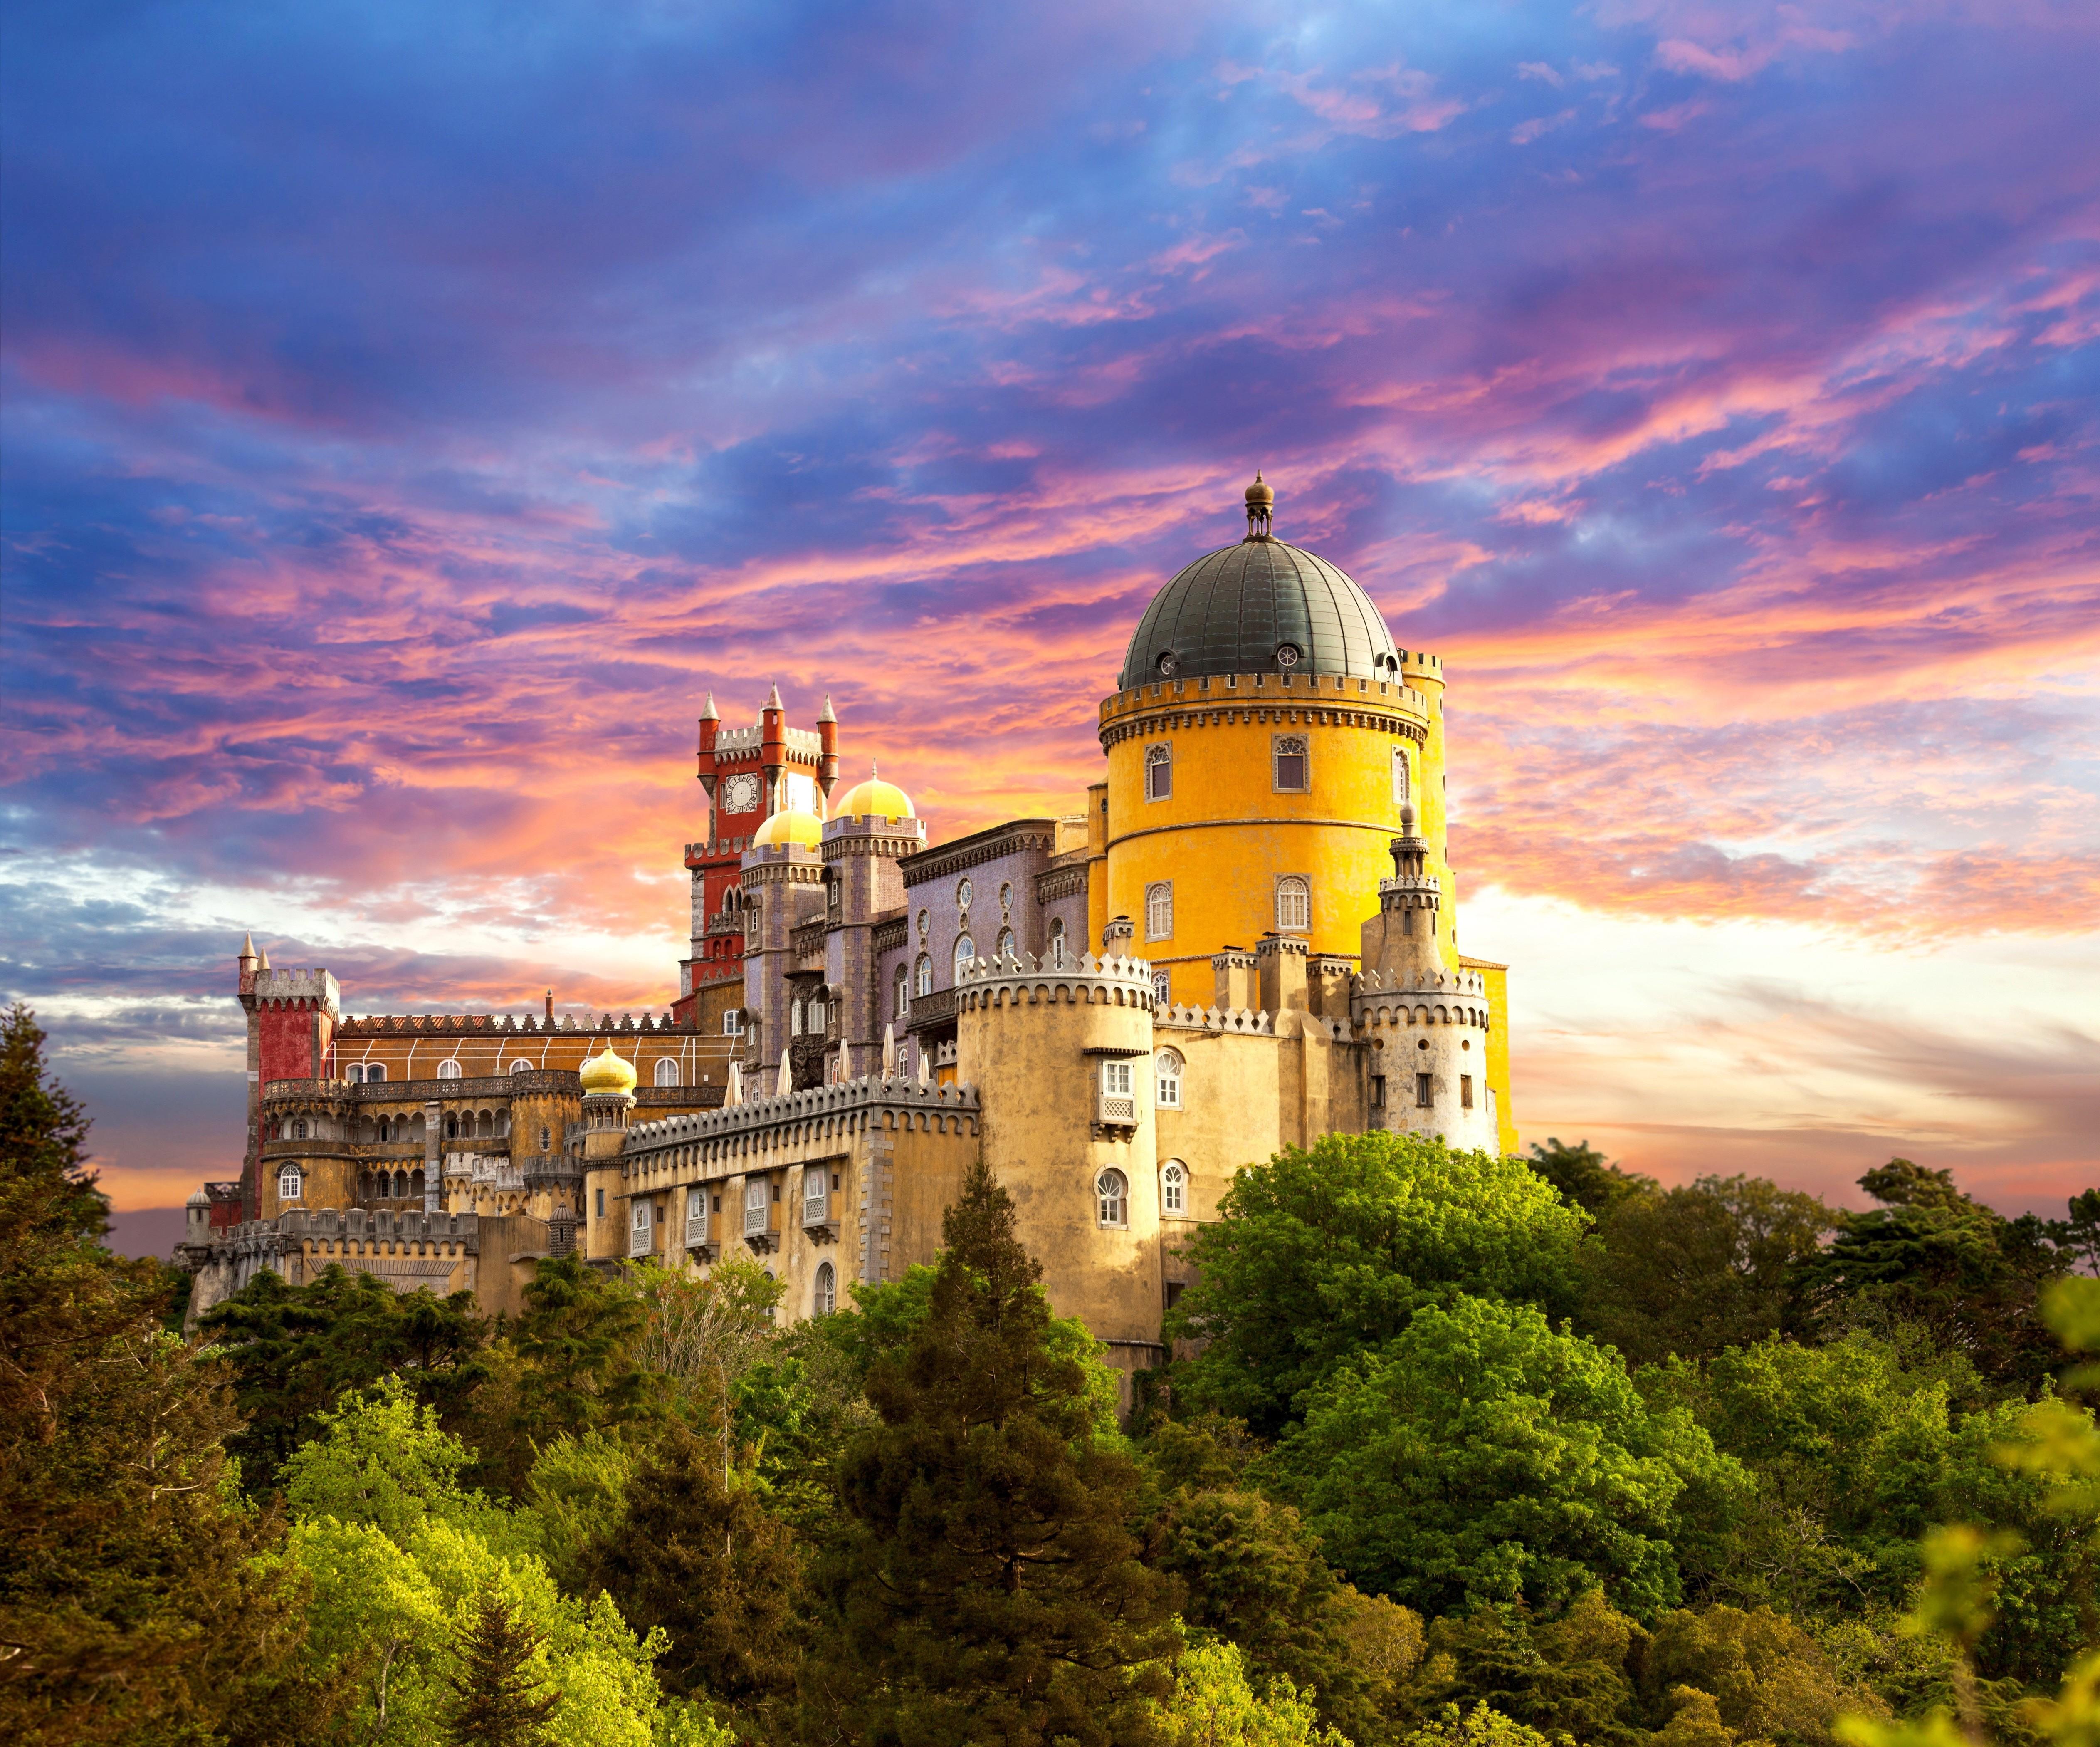 Un Chateau Dans Les Nuages fond d'écran : des arbres, le coucher du soleil, paysage